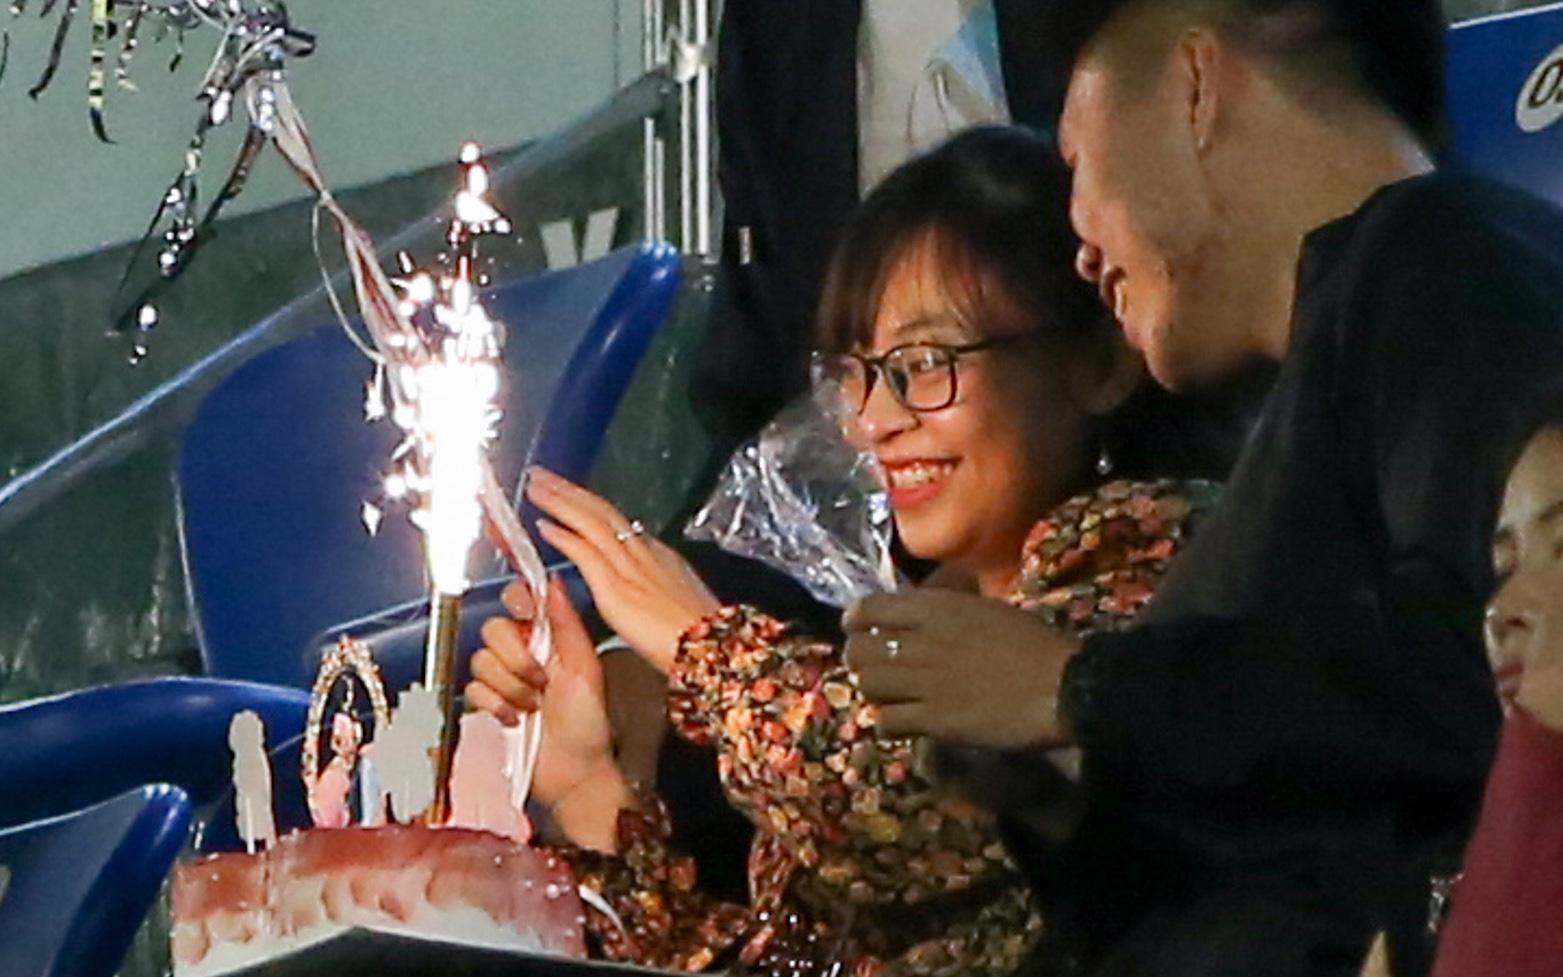 Đang xem HAGL đấu Than Quảng Ninh, cô gái ngỡ ngàng khi được bạn trai tổ chức sinh nhật ngay tại SVĐ